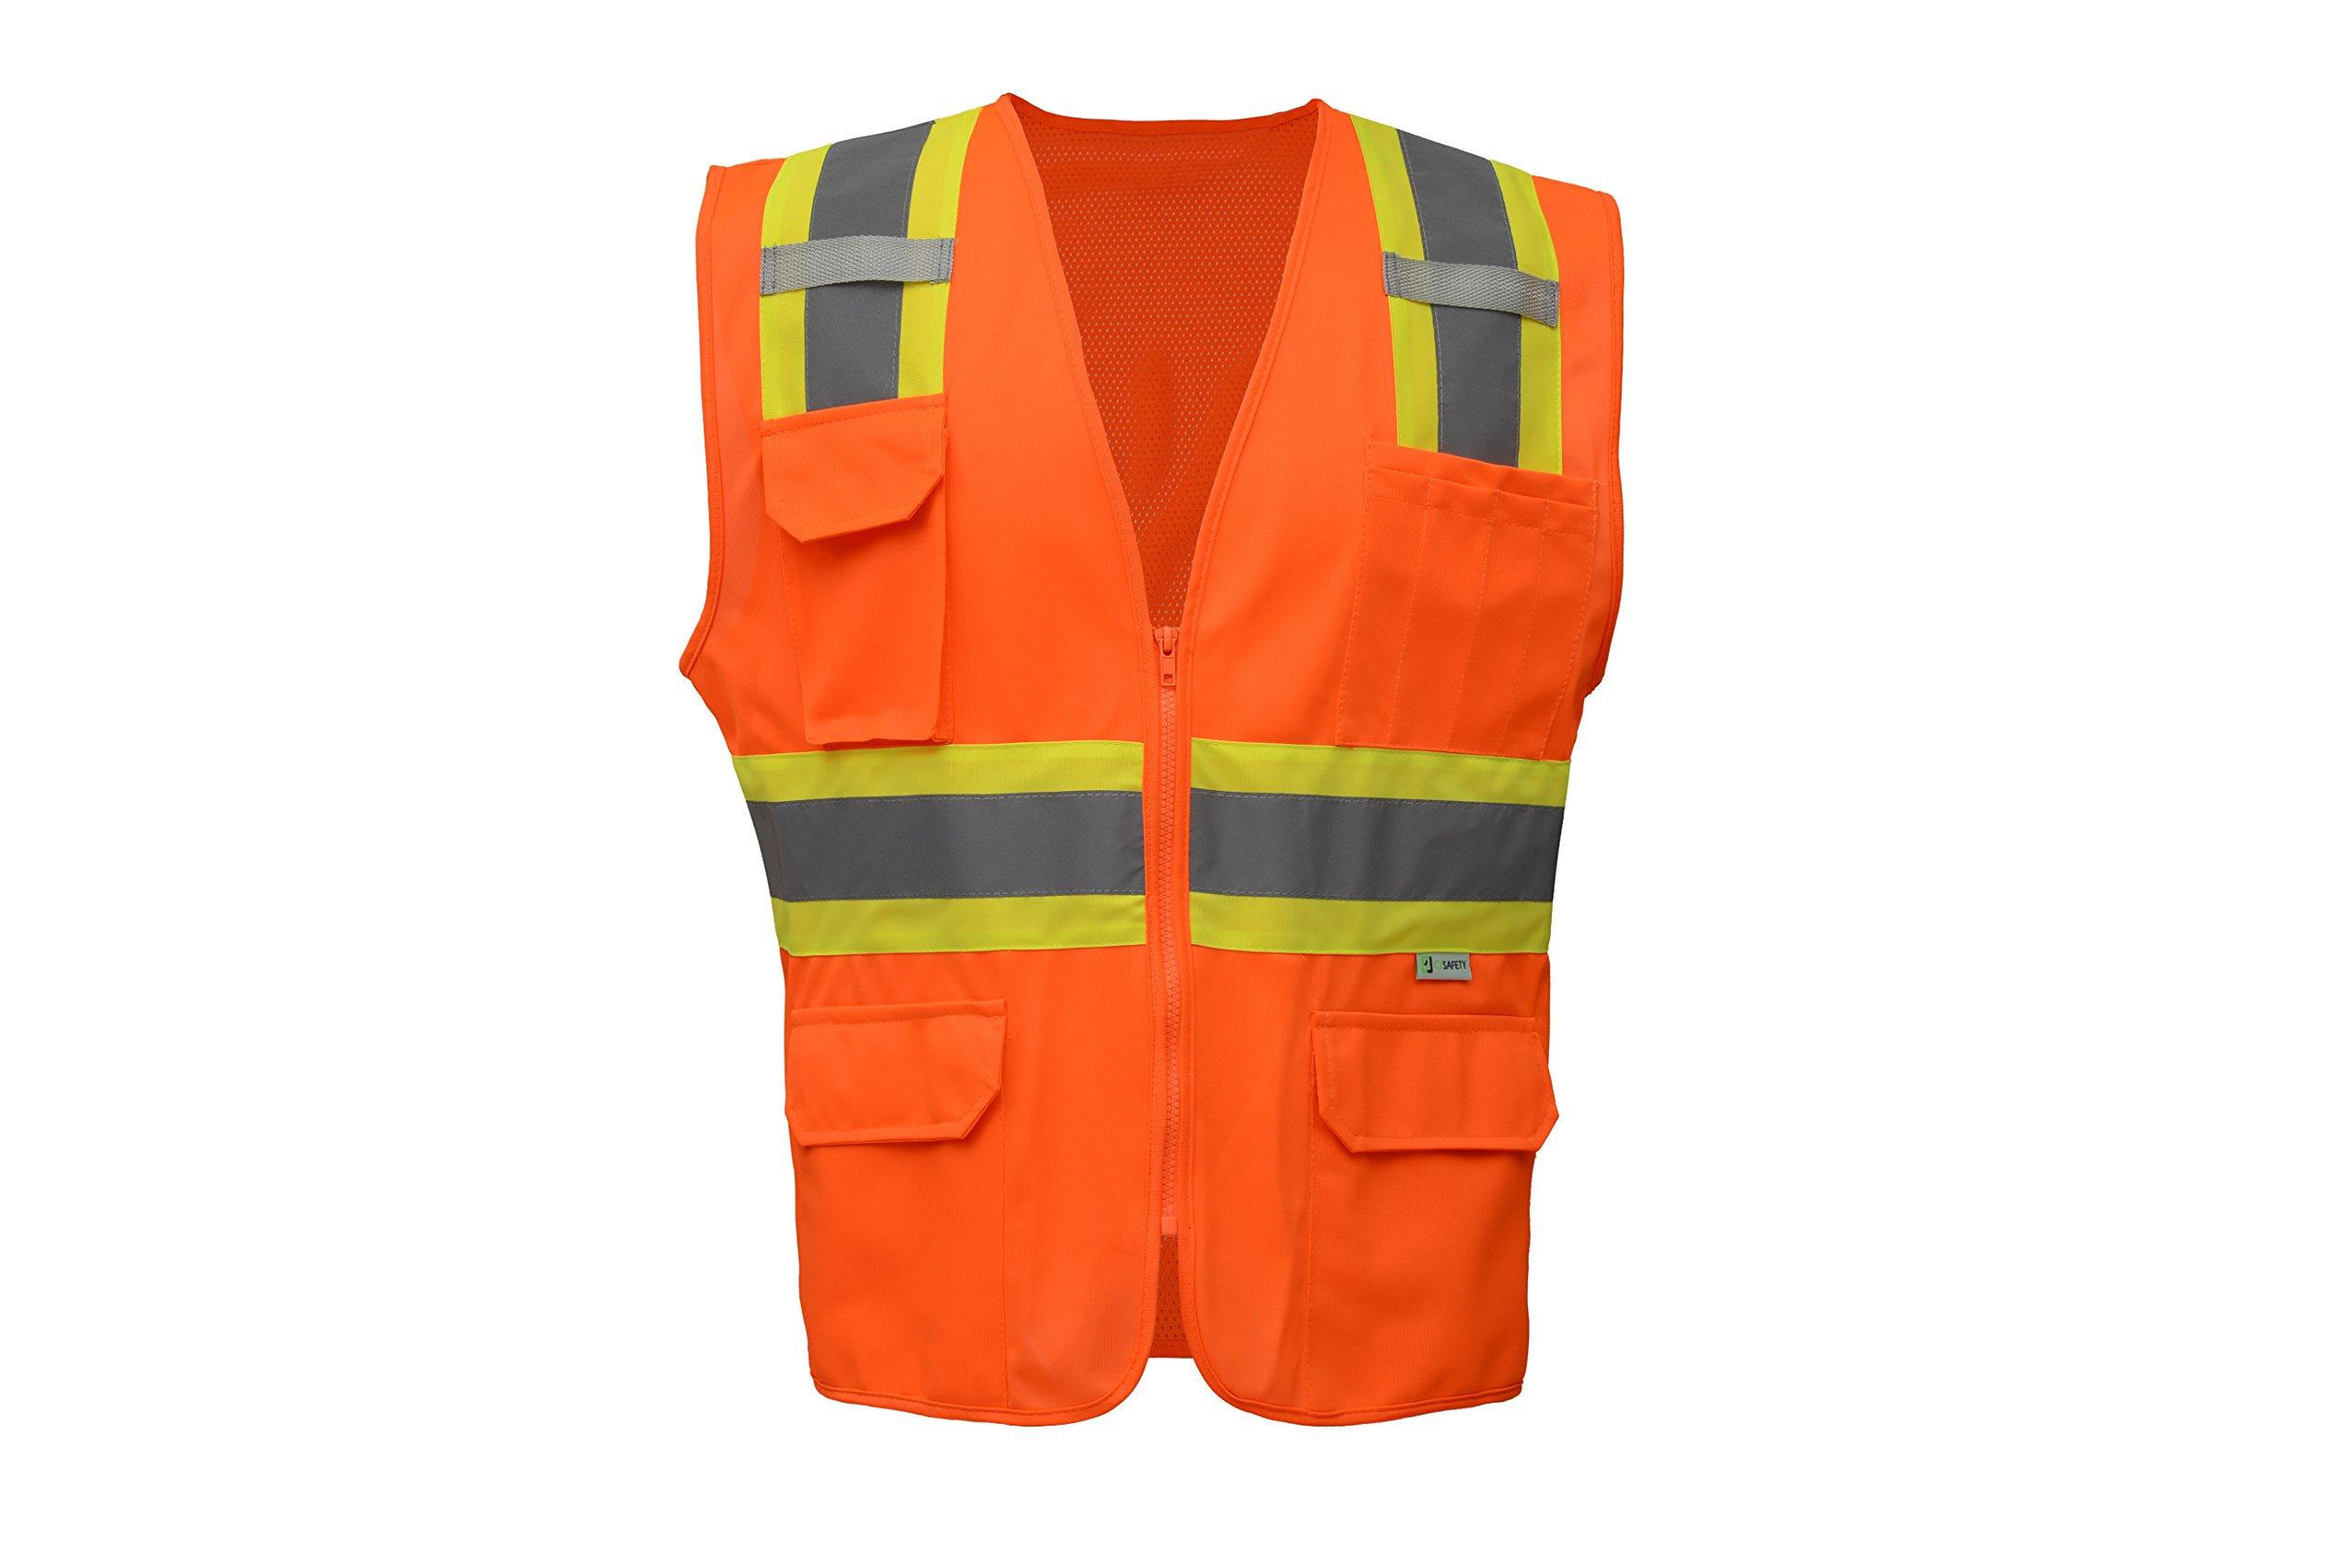 CJS CJHVSV2004 Two-Tone Heavy Duty Surveyor Safety Vest (Solid front & Mesh back) - ANSI Class 2 (Large, Orange)